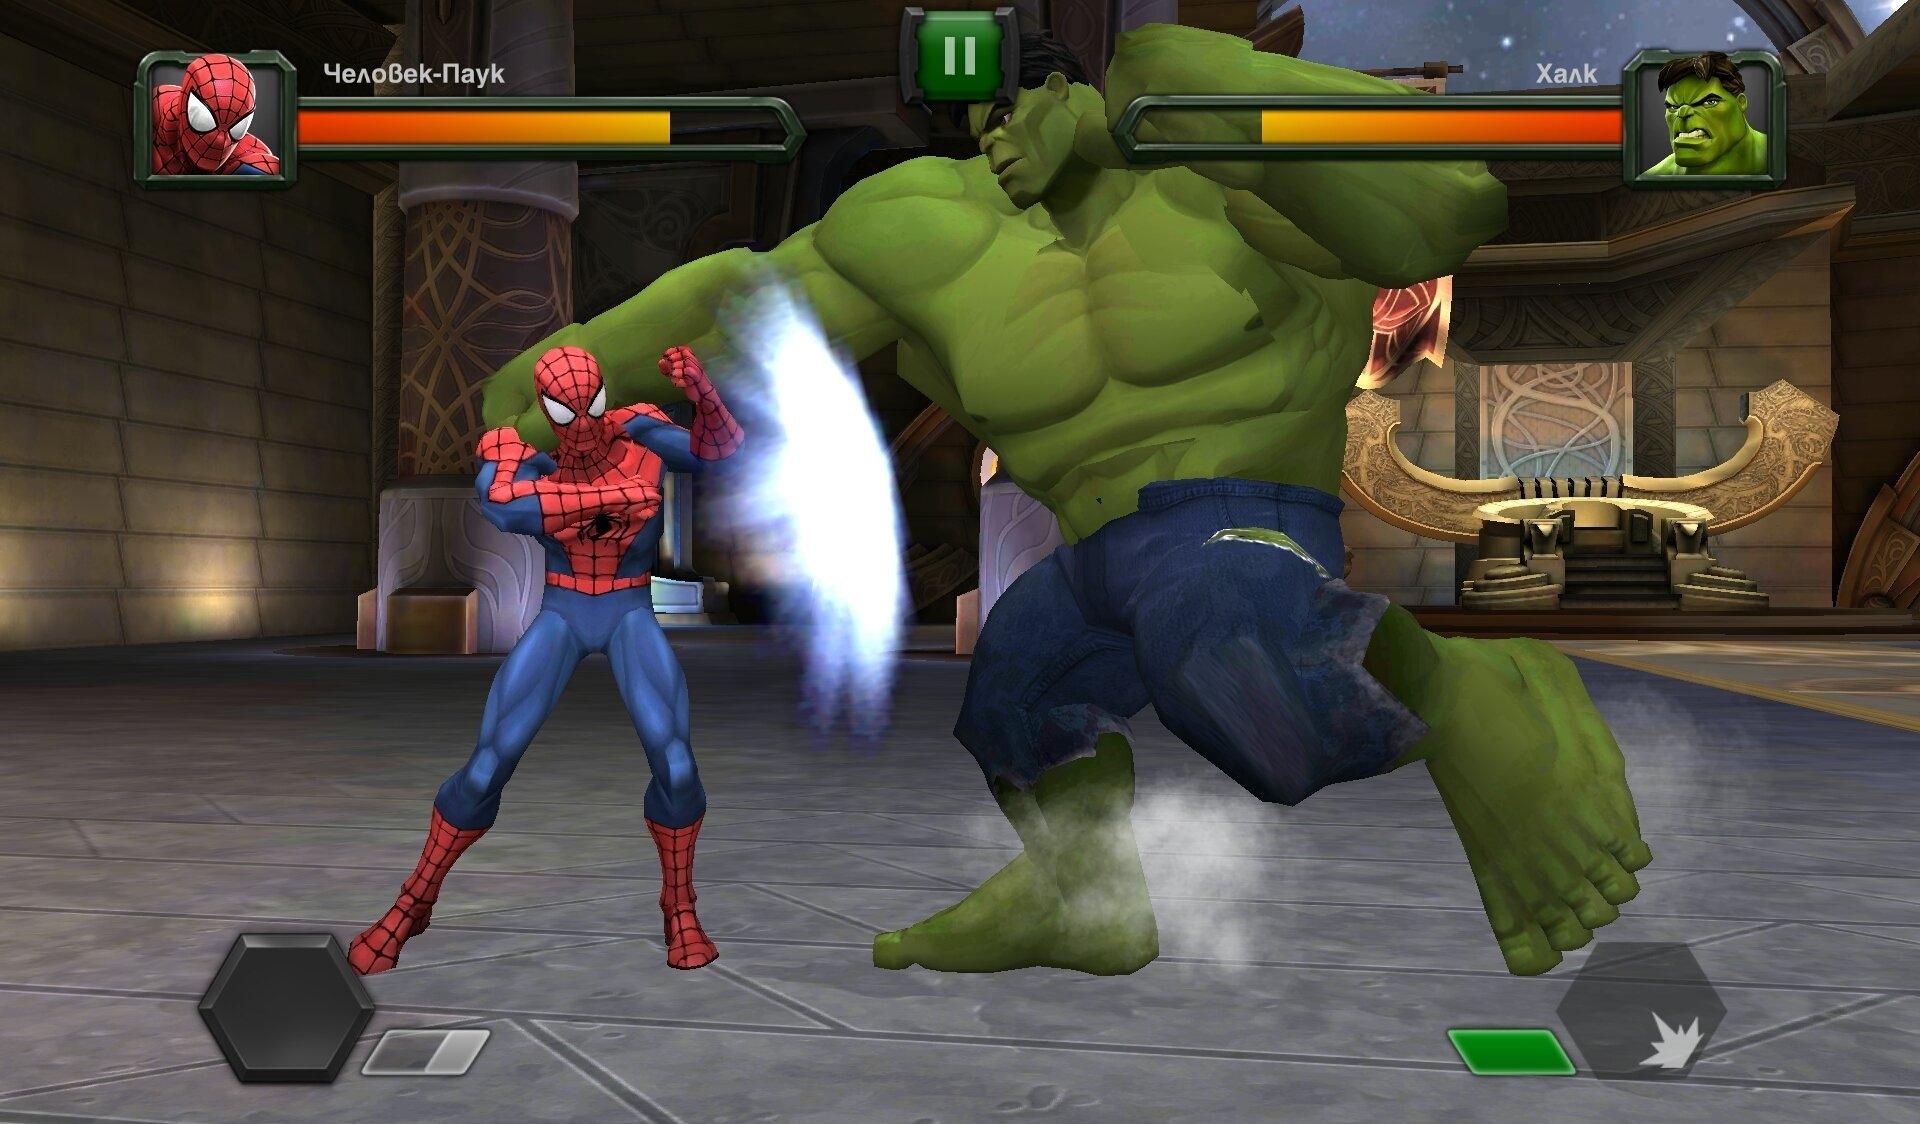 Marvel: битва чемпионов на компьютер скачать.